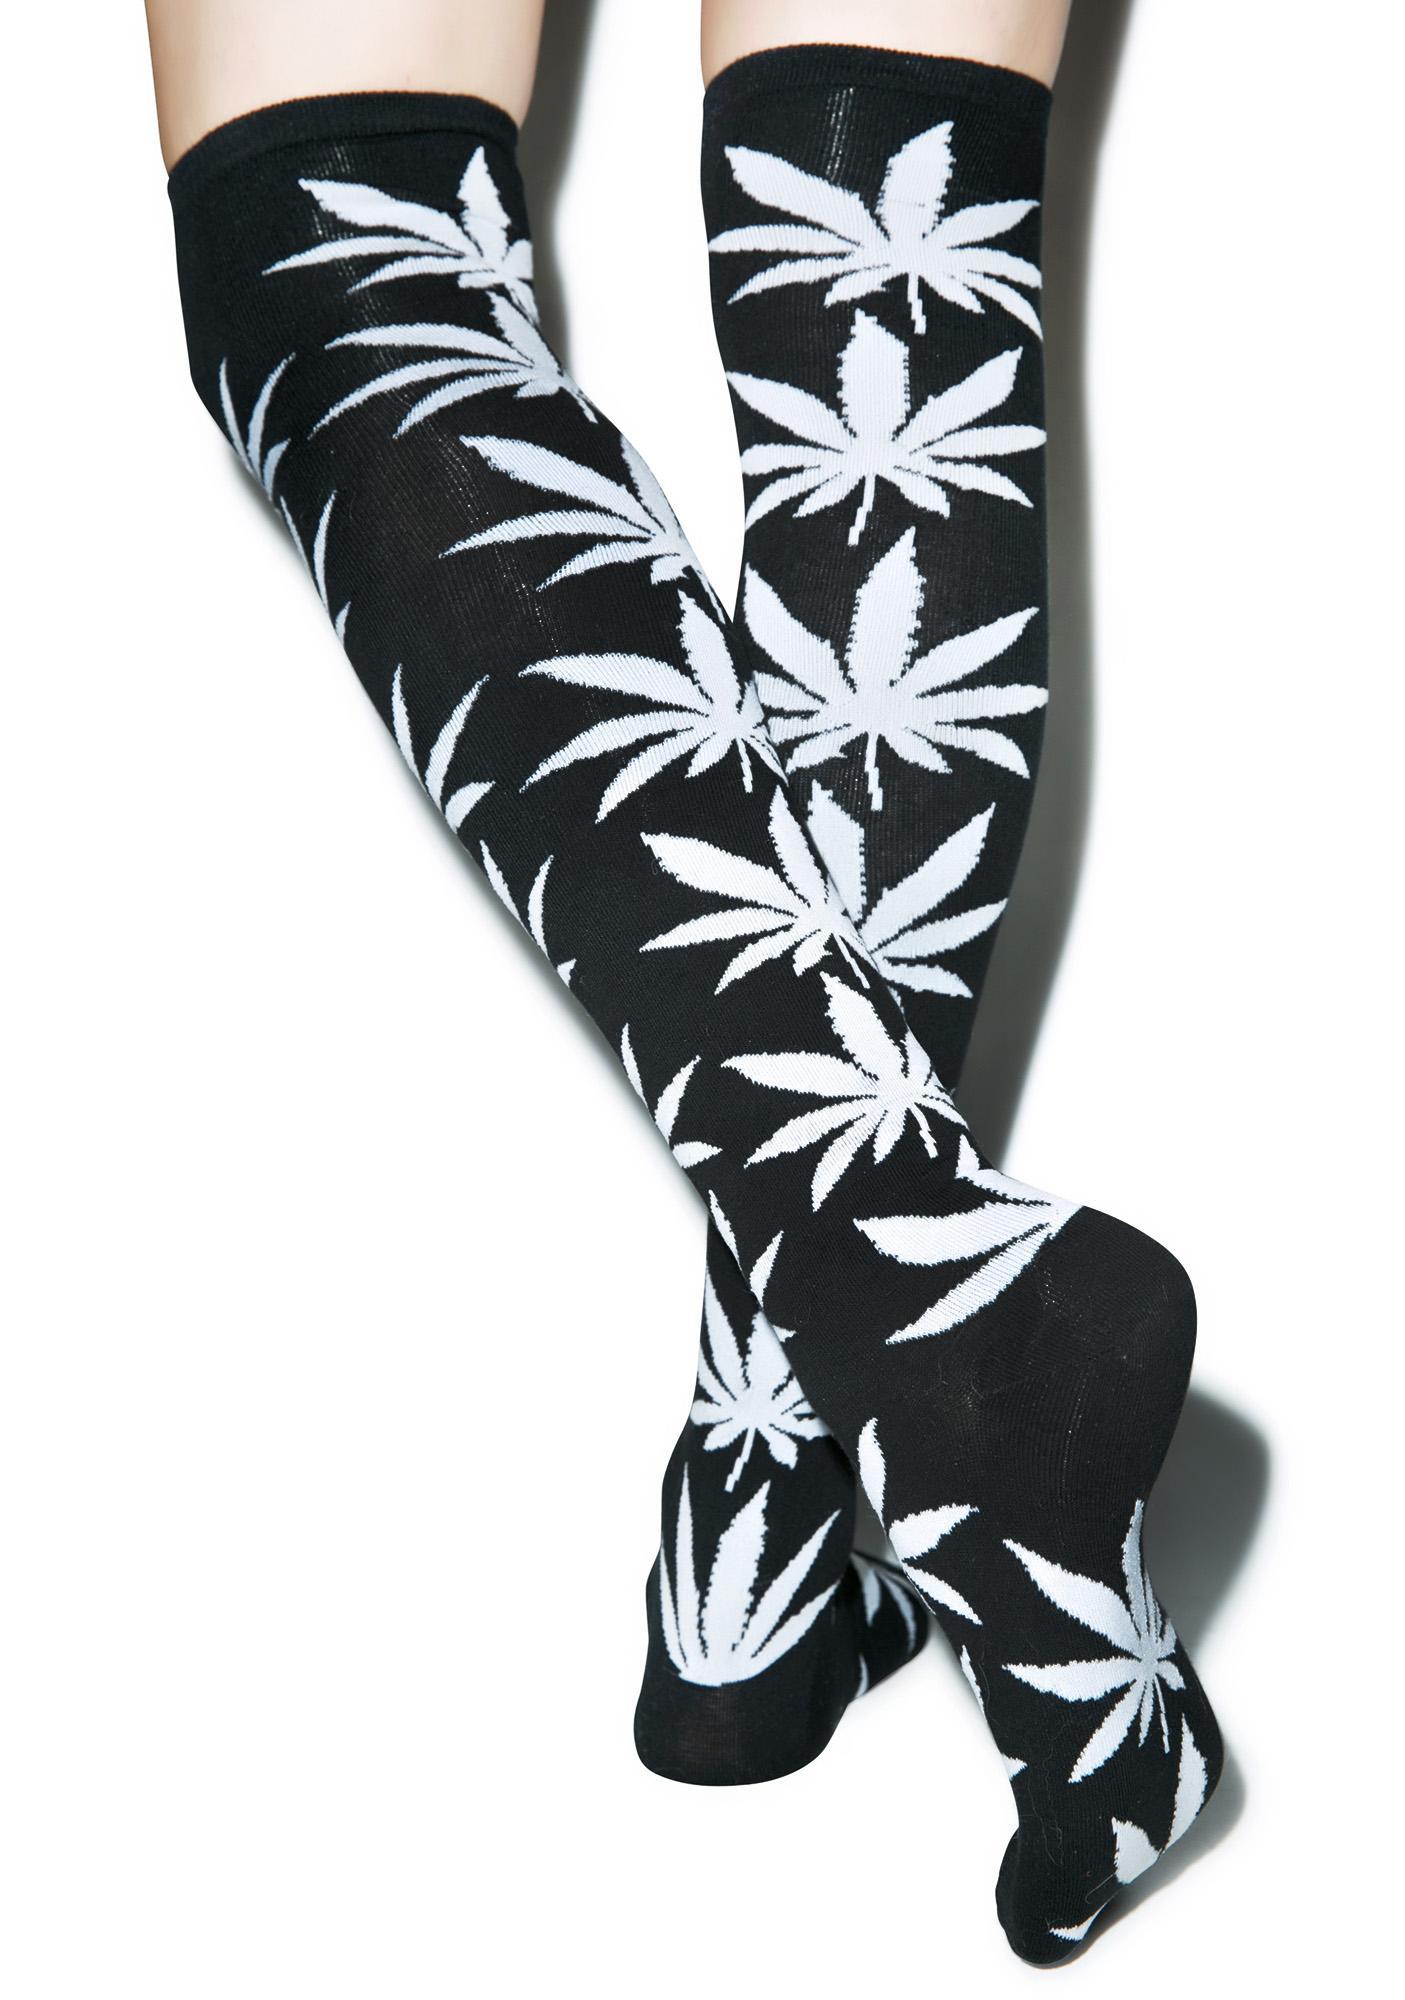 1fb5ebdd388 ... HUF Plantlife Thigh High Socks